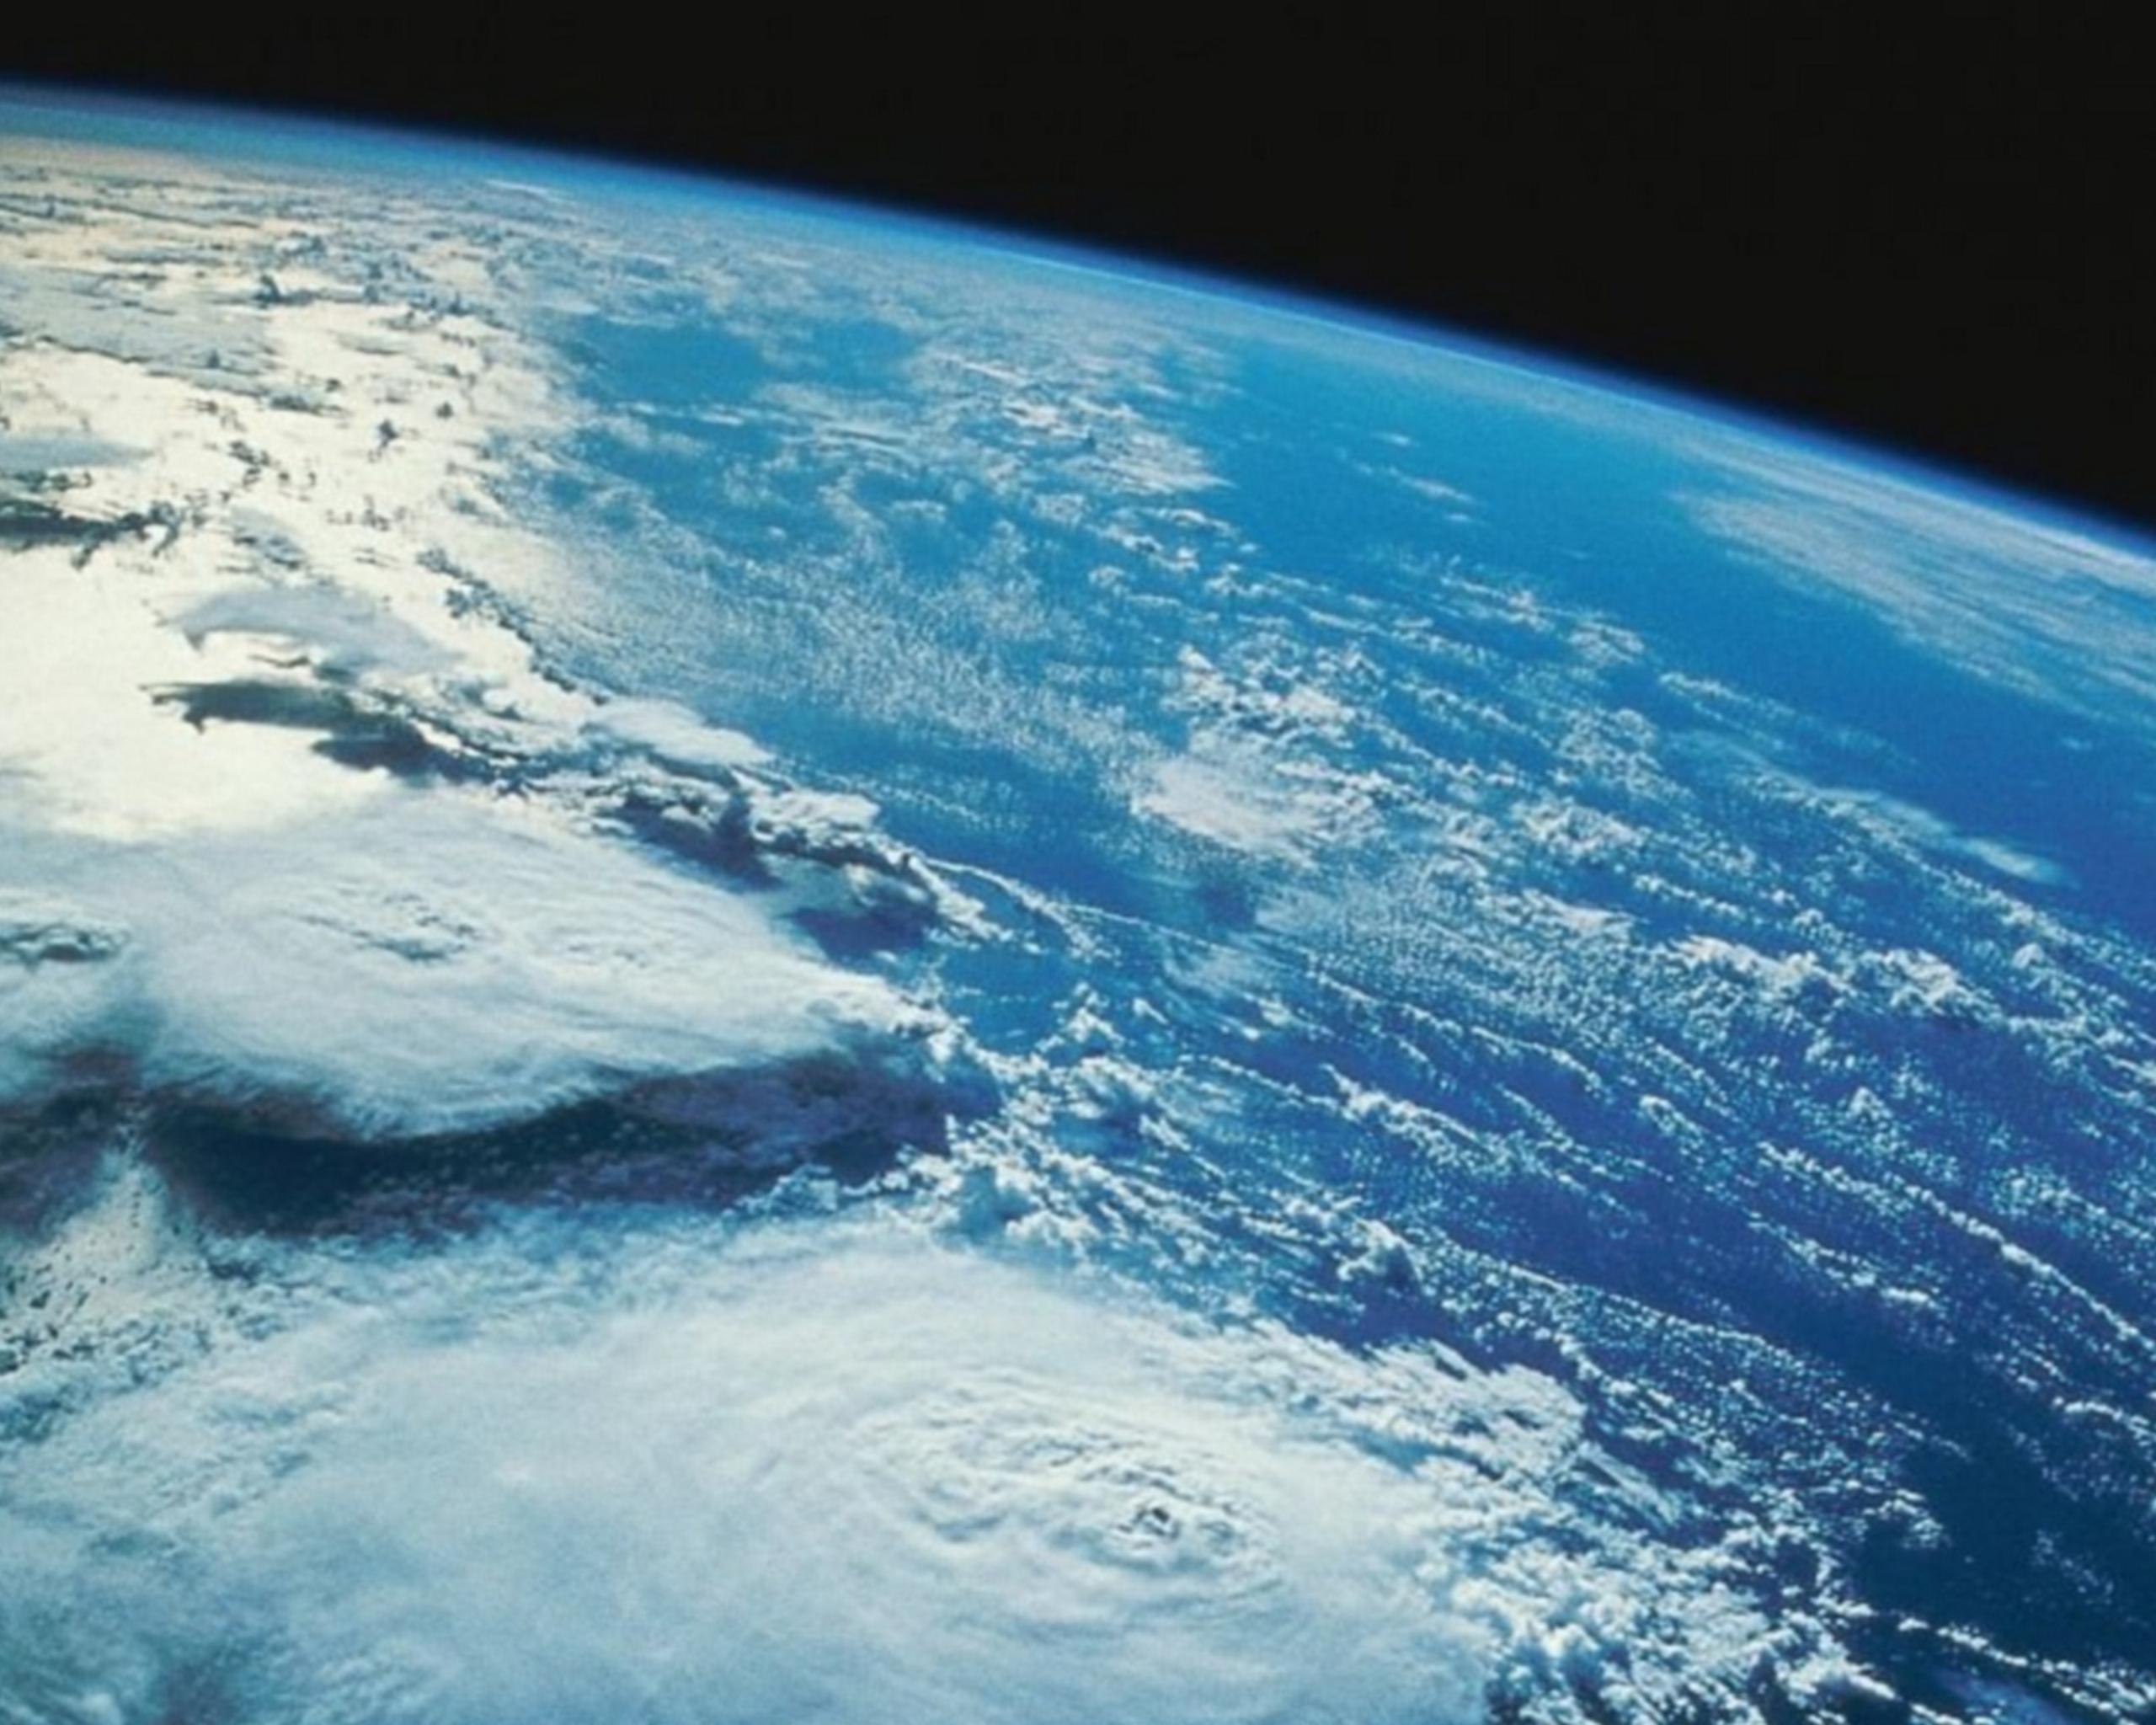 قمر صناعي روسي يكتشف ظواهر فيزيائية مجهولة في الغلاف الجوي للأرض